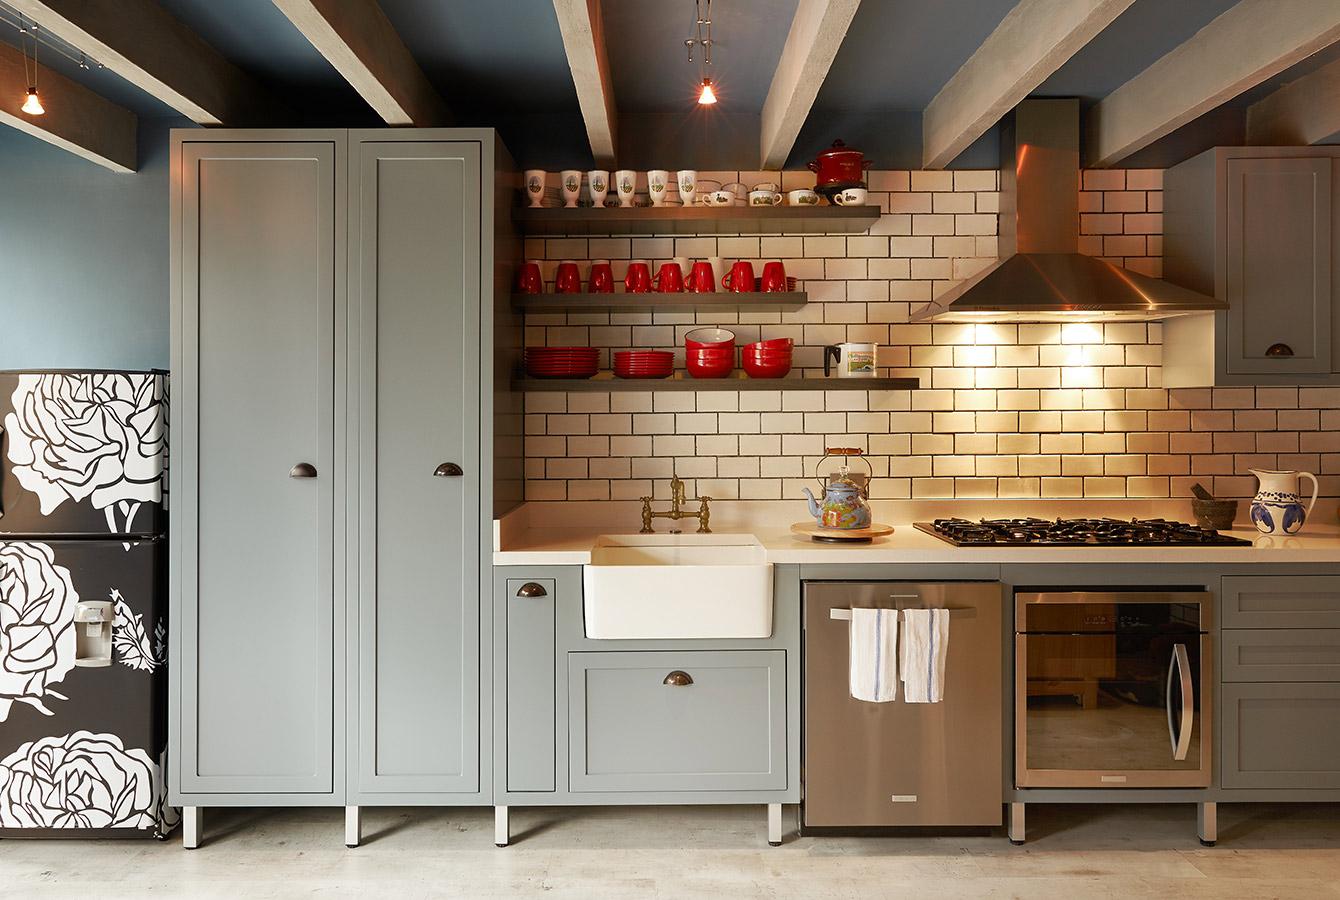 10 ideas para remodelar la cocina for Remodelacion de cocinas